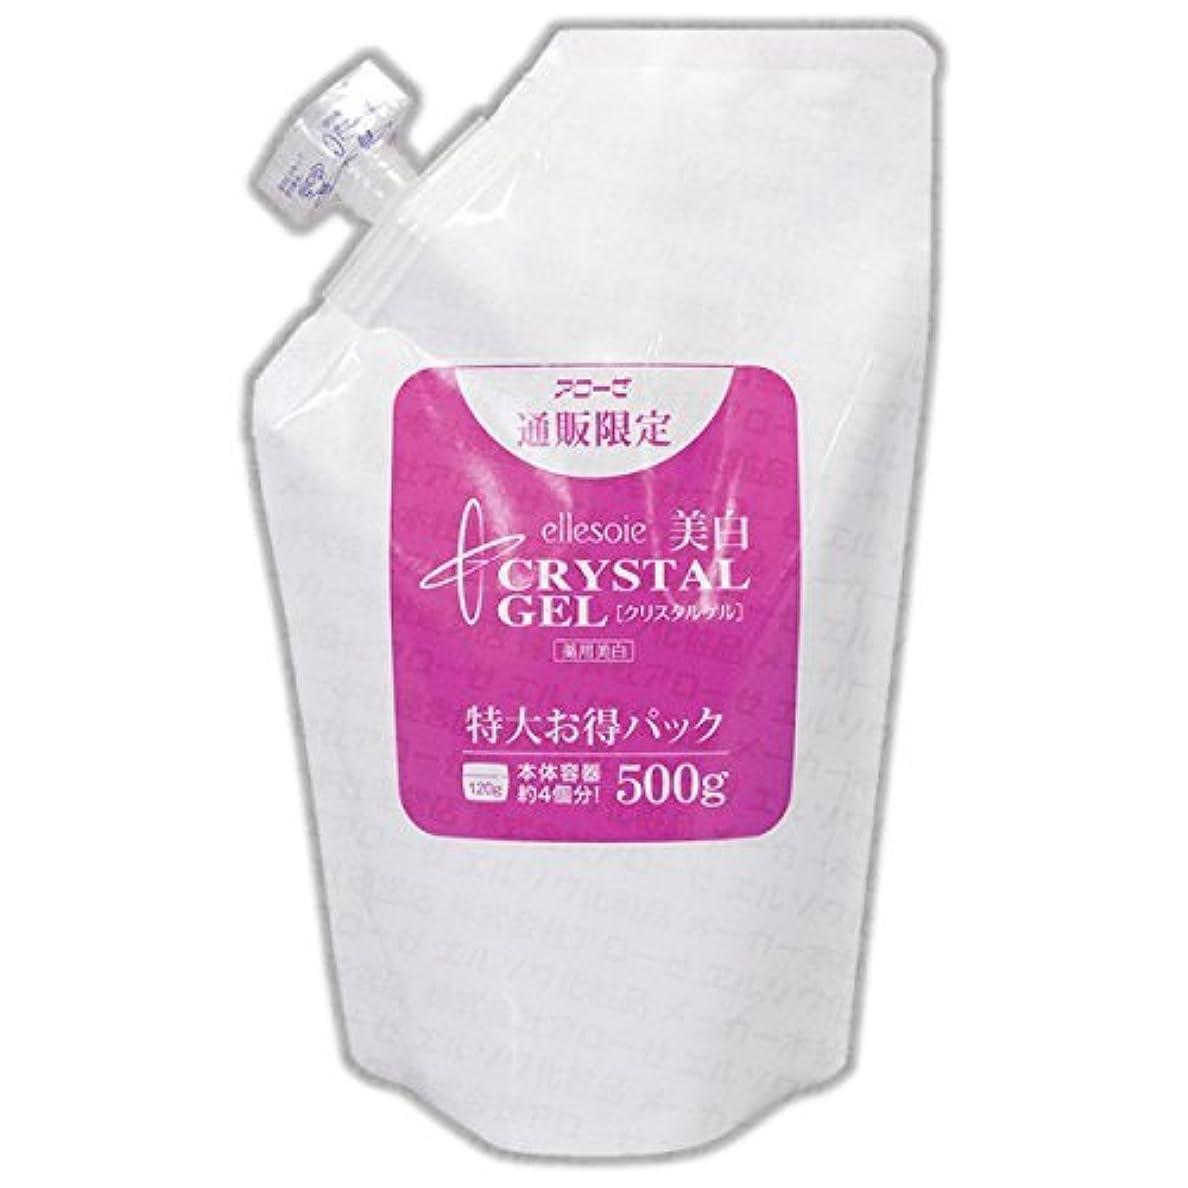 喉が渇いた川アイスクリームエルソワ化粧品(ellesoie) クリスタルゲルS 詰替用500g 保存用キャップ付 薬用美白オールインワン